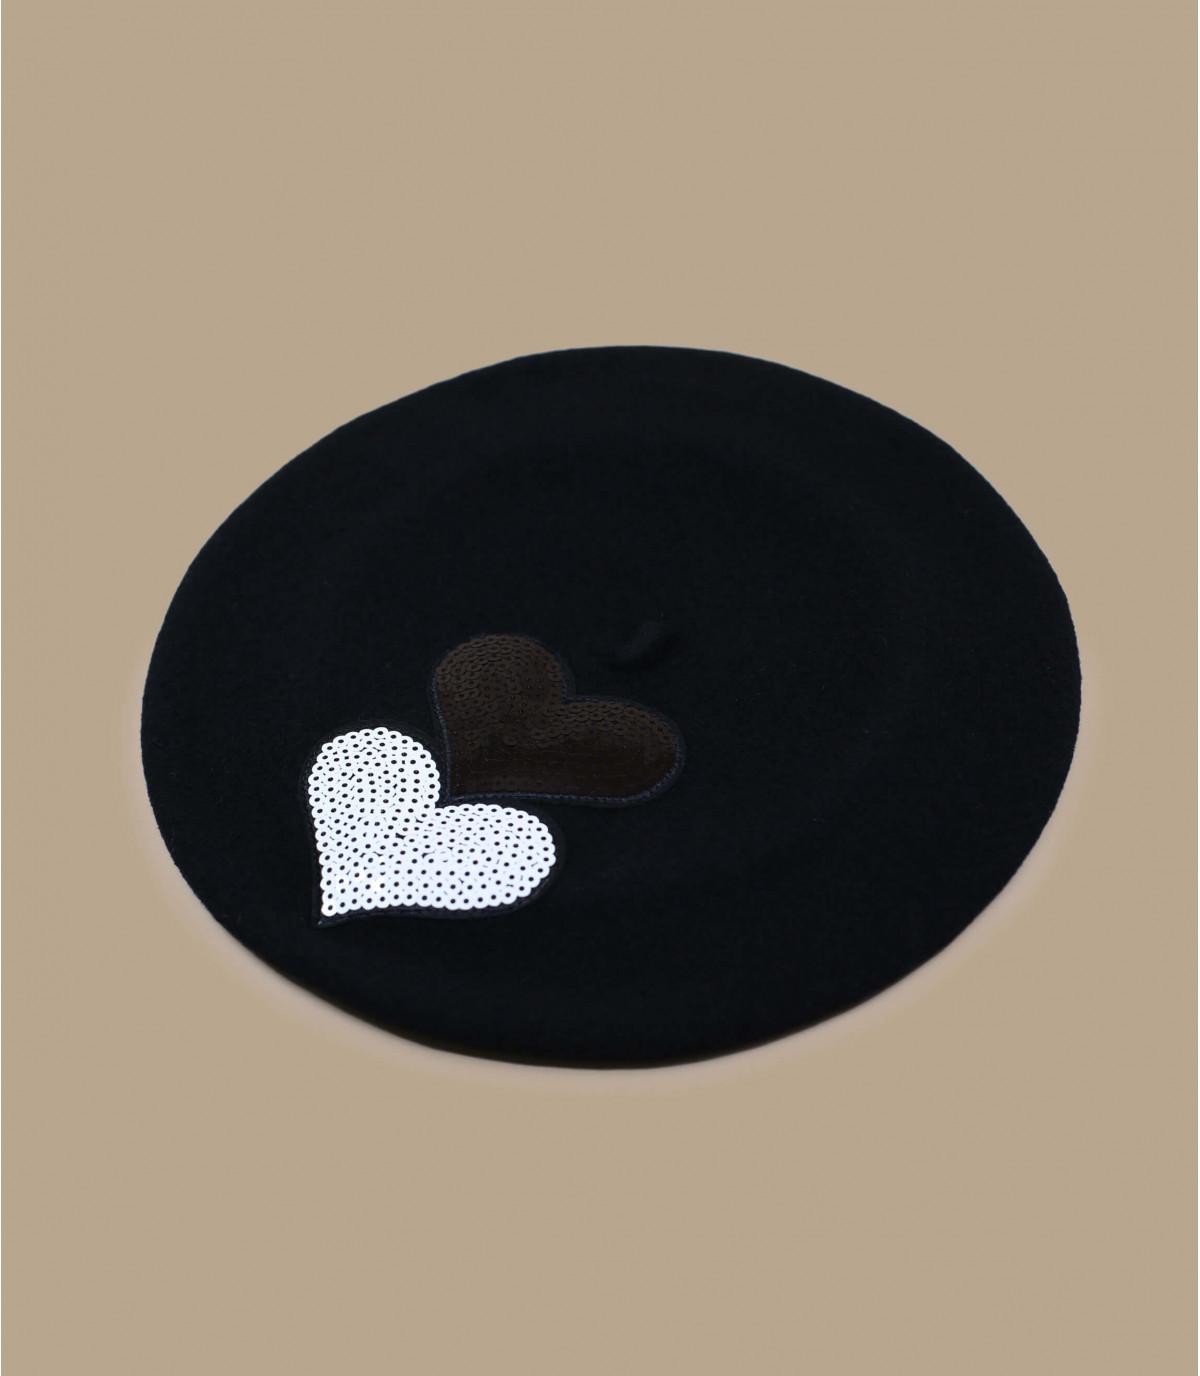 béret cœur paillette noir